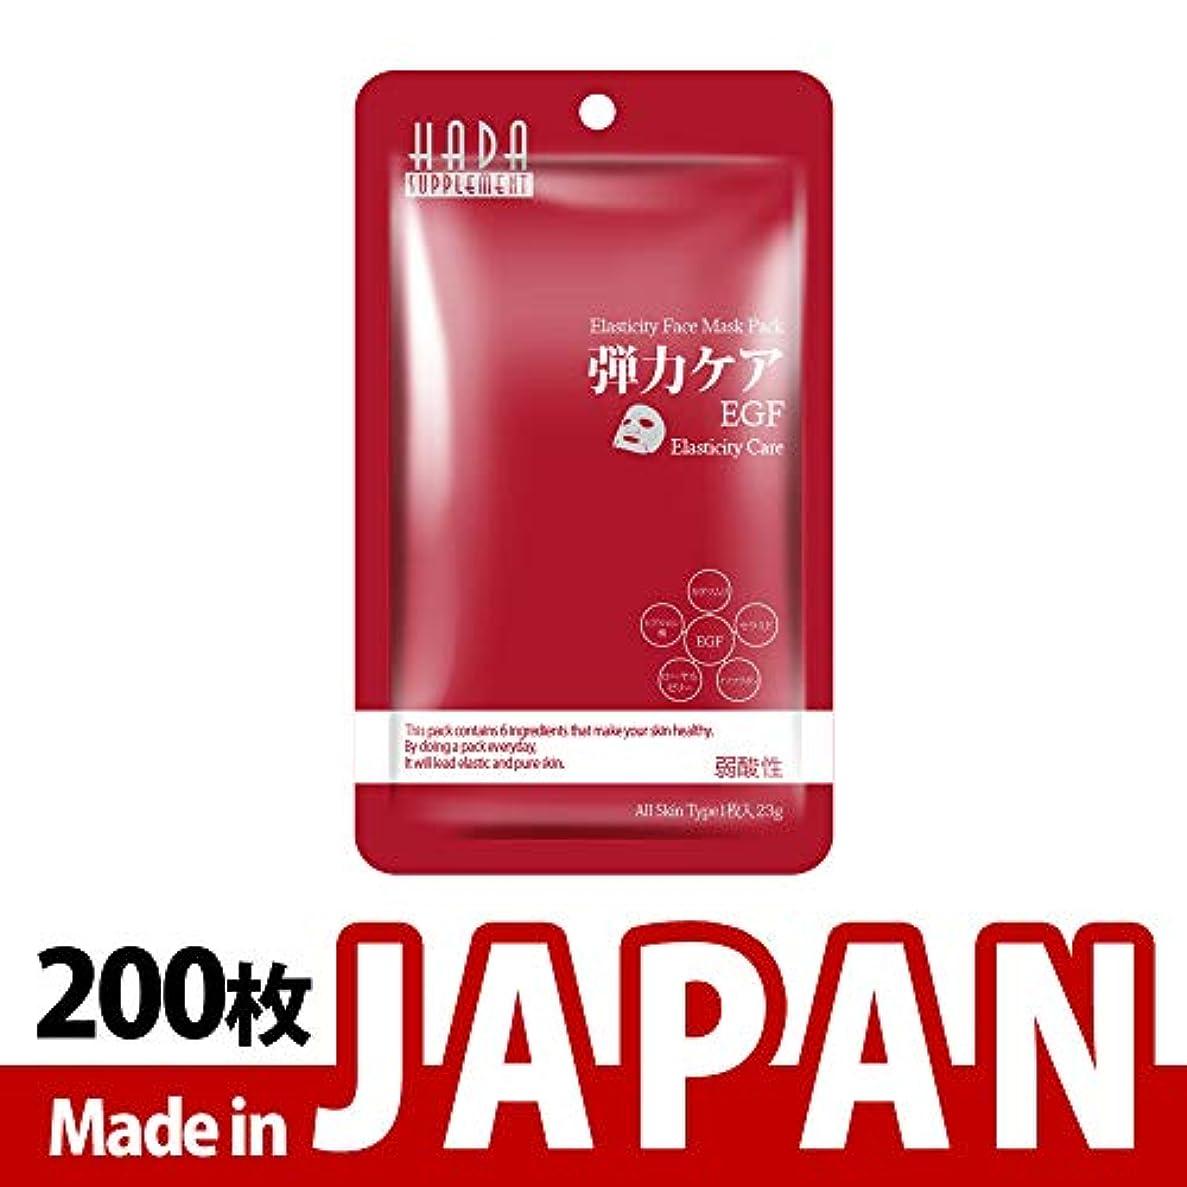 否認する弾性行【HS001-A-0】シートマスク日本製/10枚入り/200枚/美容液/マスクパック/送料無料